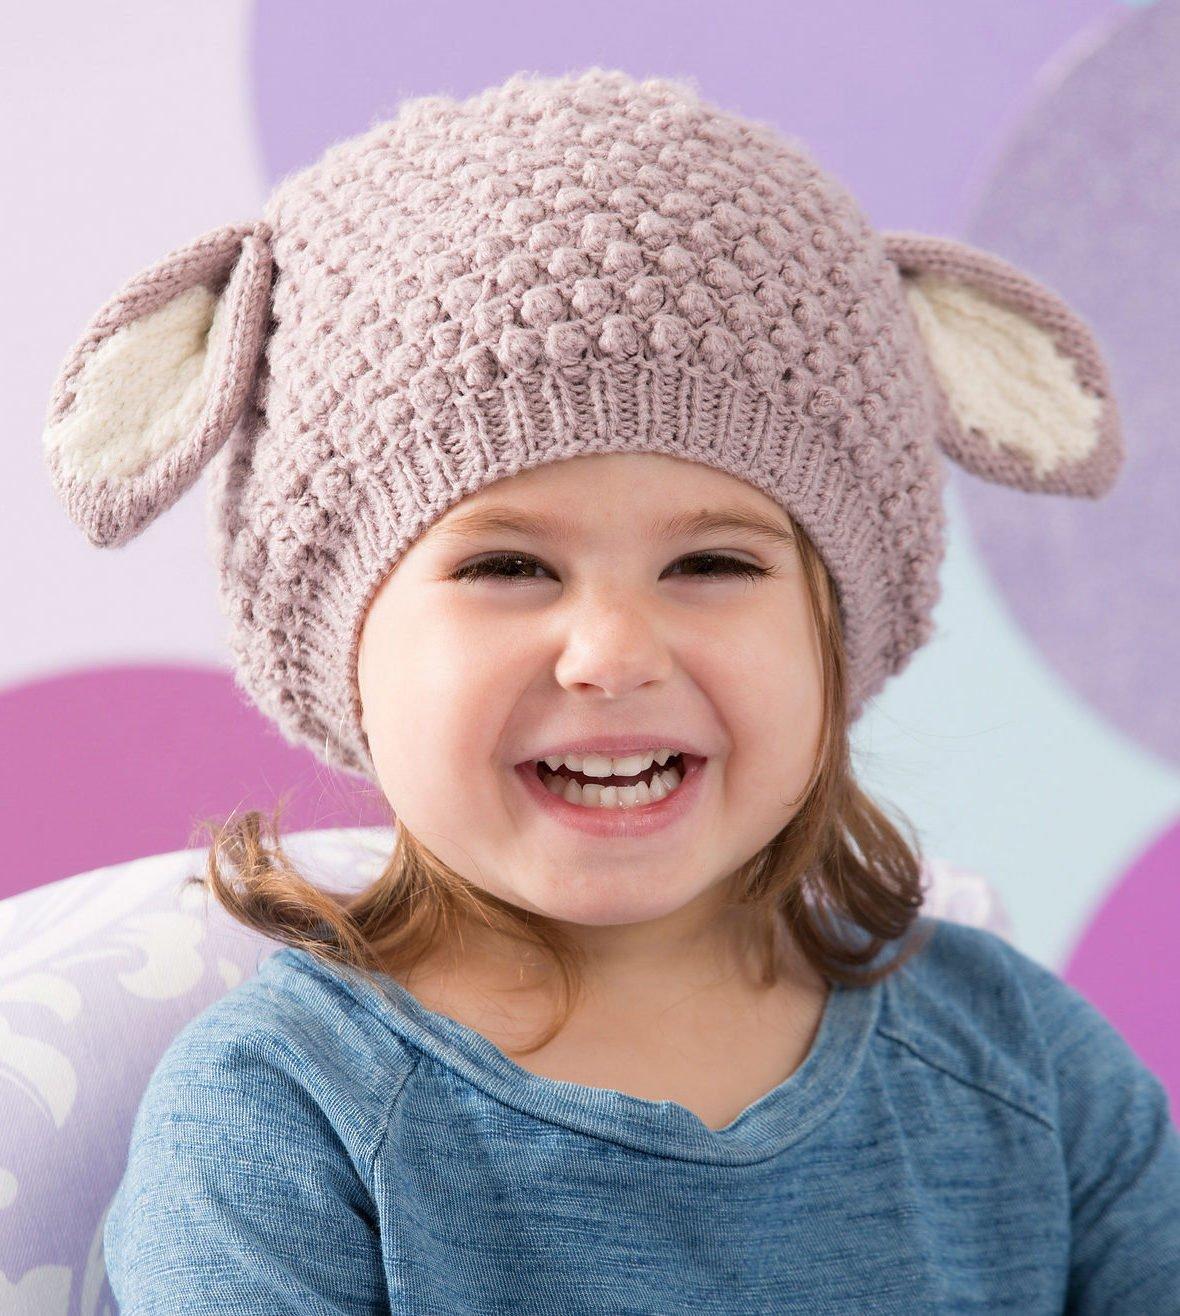 machen Sie Ihrem Kind die Freude und zaubern Sie eine Strickmütze für ihn